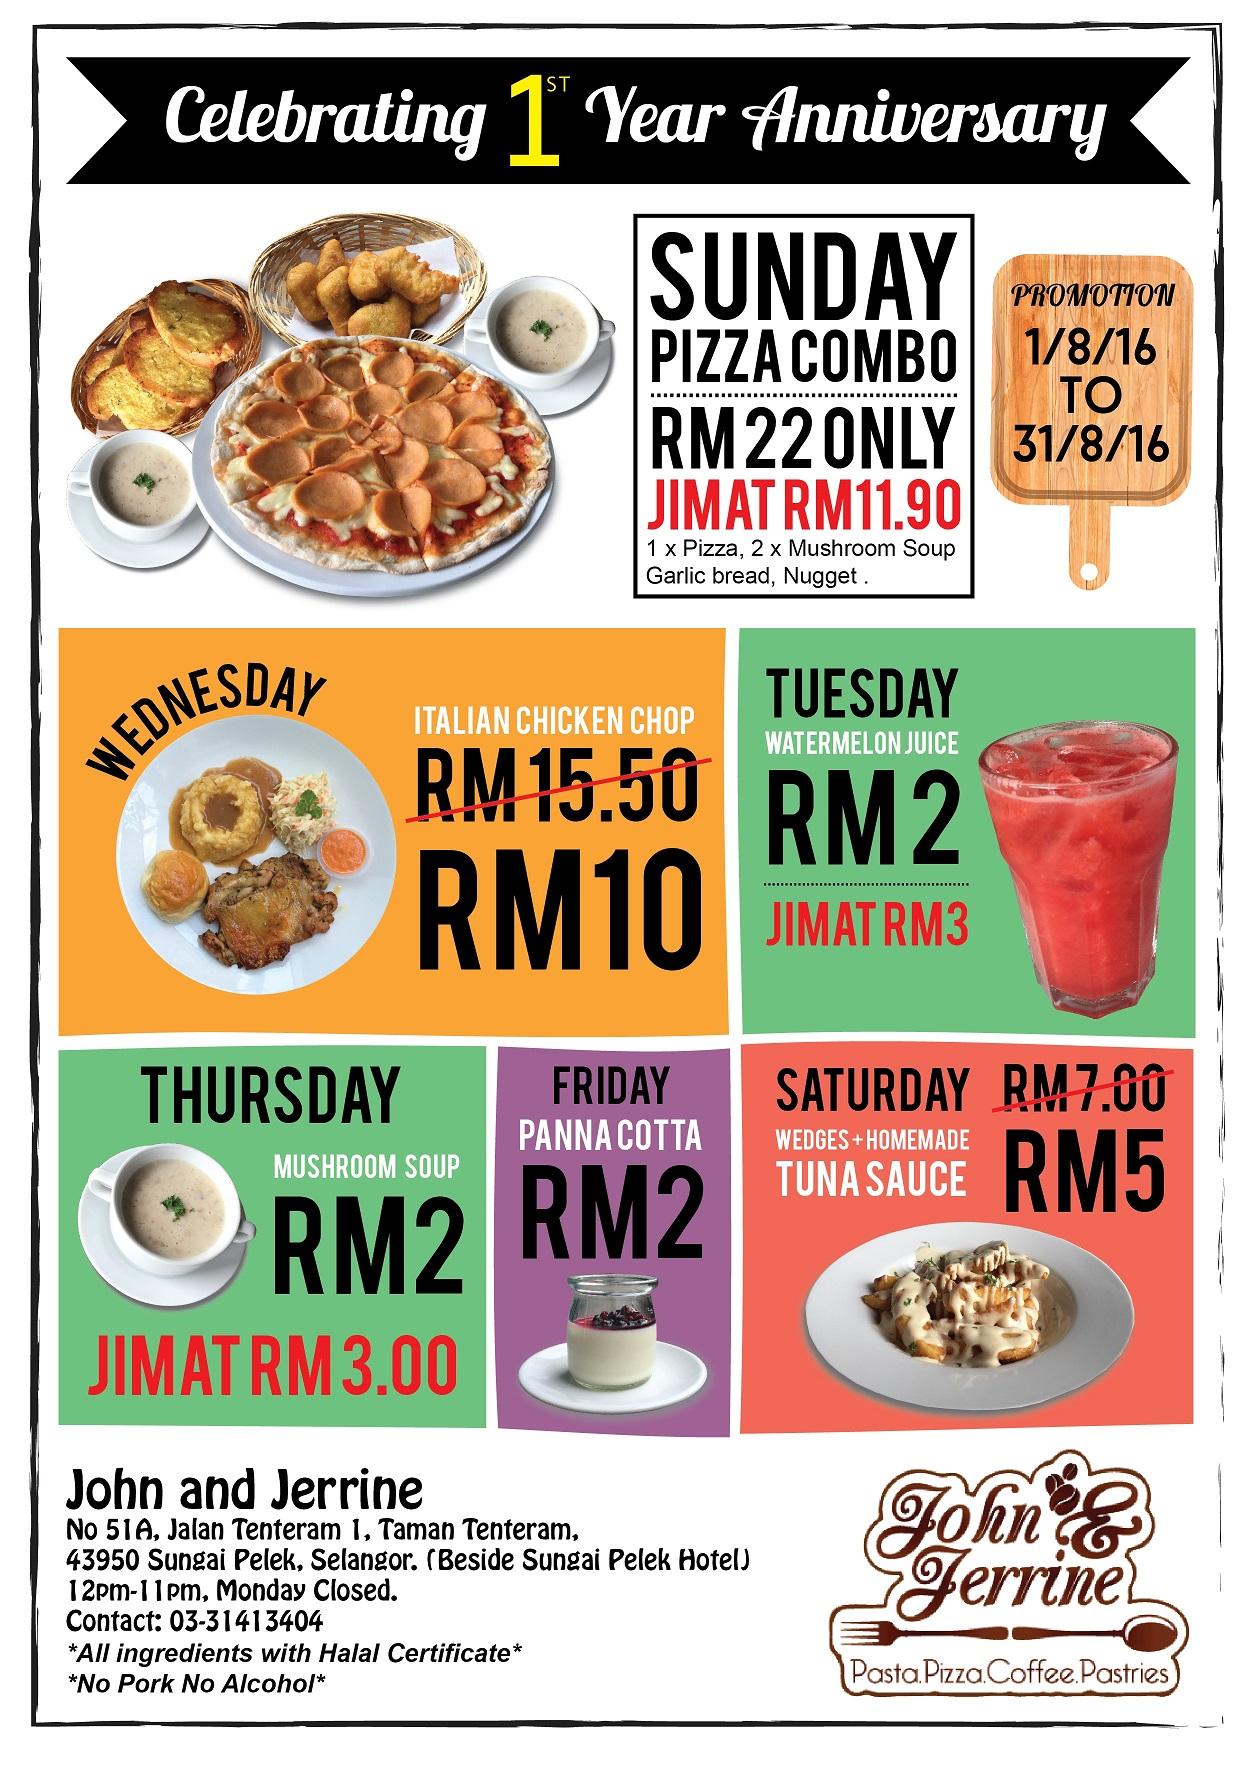 john jerrine restaurant leaflet banner 316 creative solution